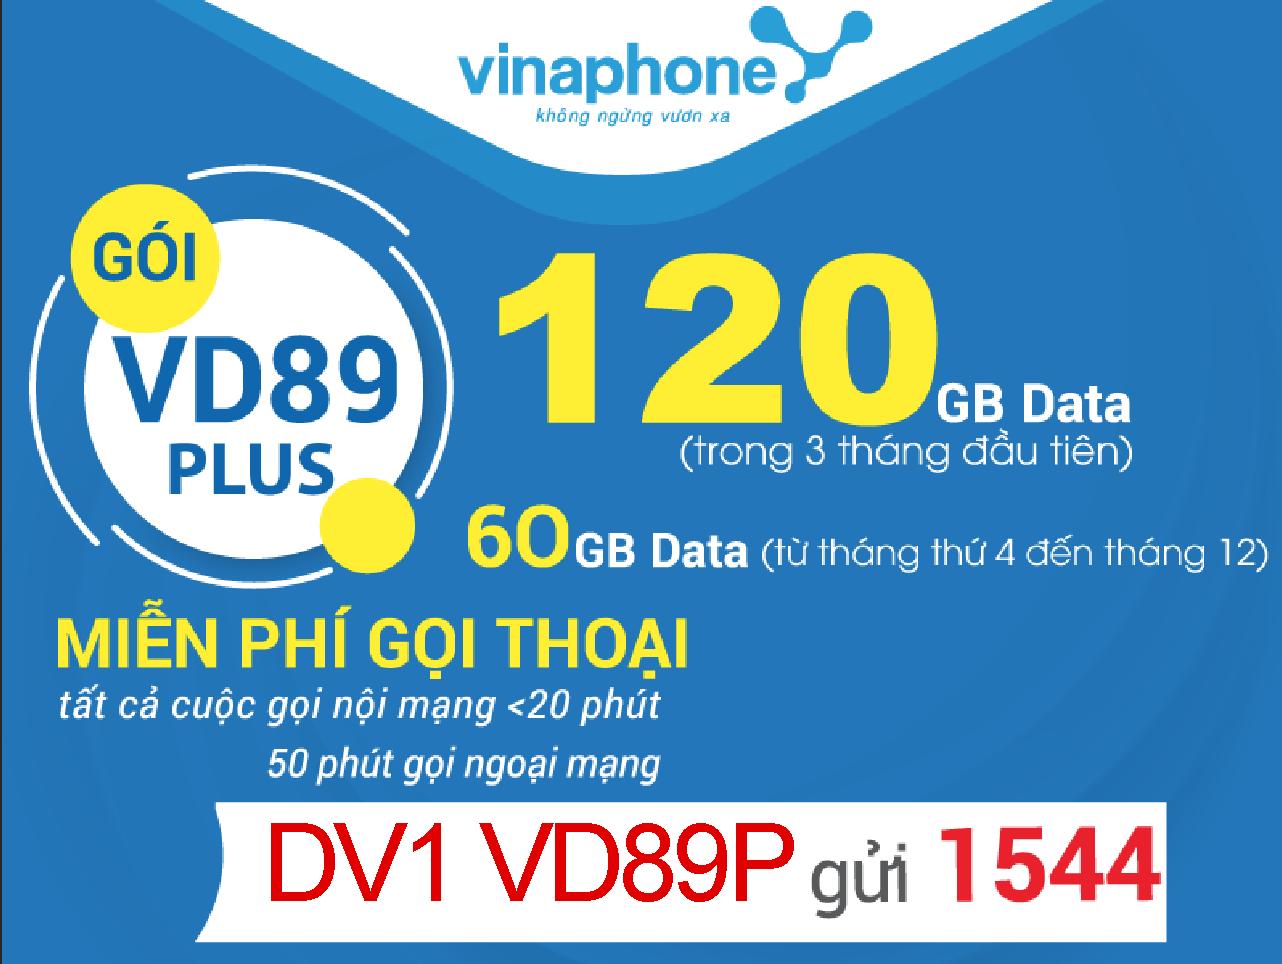 goi-cuoc-vd89-vinaphone